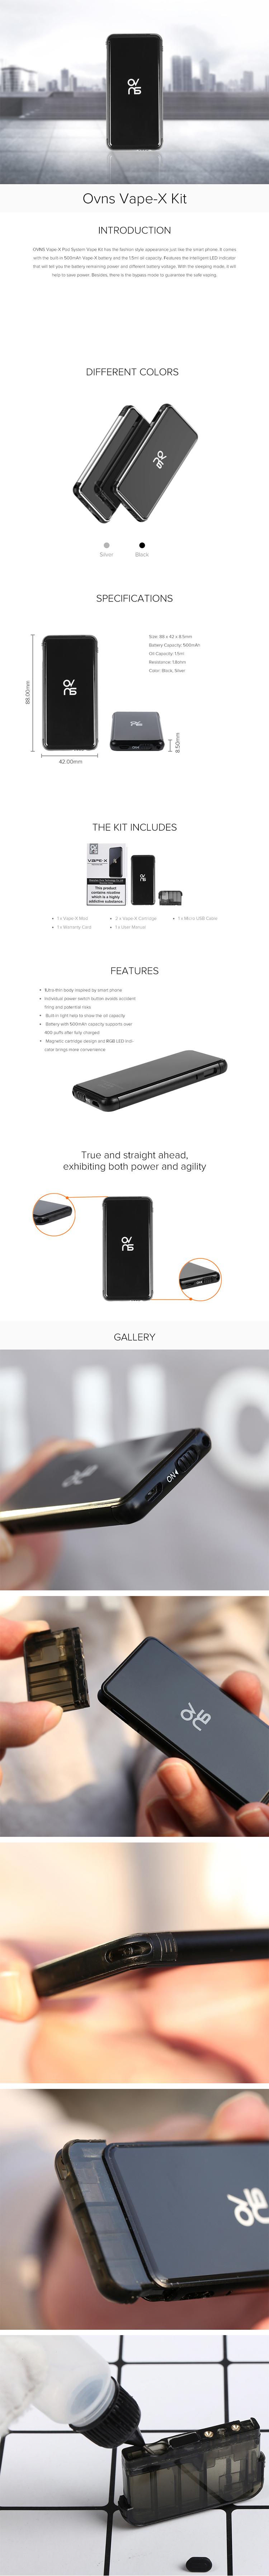 OVNS Vape-X Pod System Vape Kit